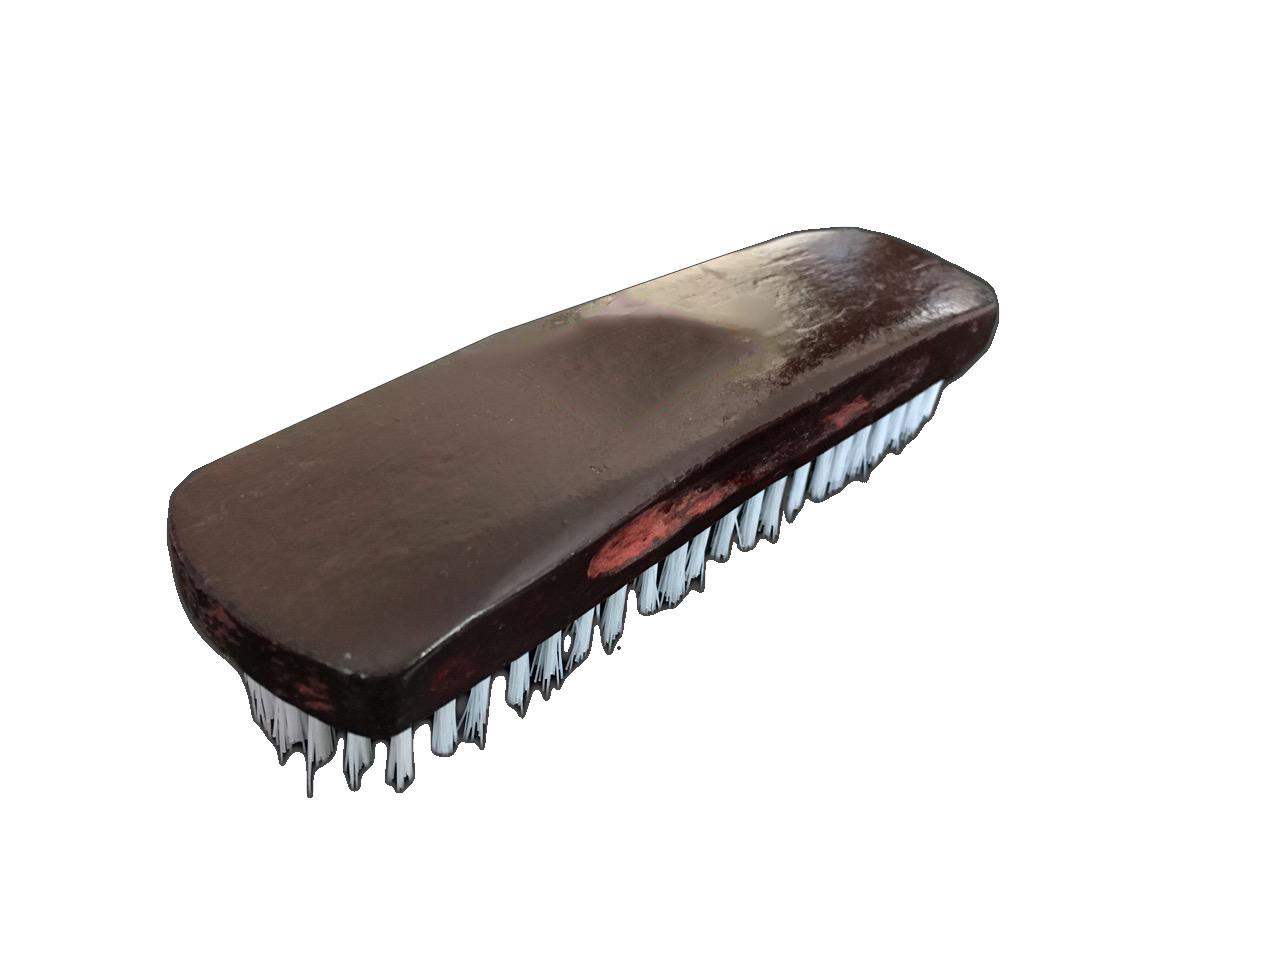 Щетка для обуви  коричневая лакированая, деревяная ручка,168 мм, с черно белой щетиной (18 мм)  W-7